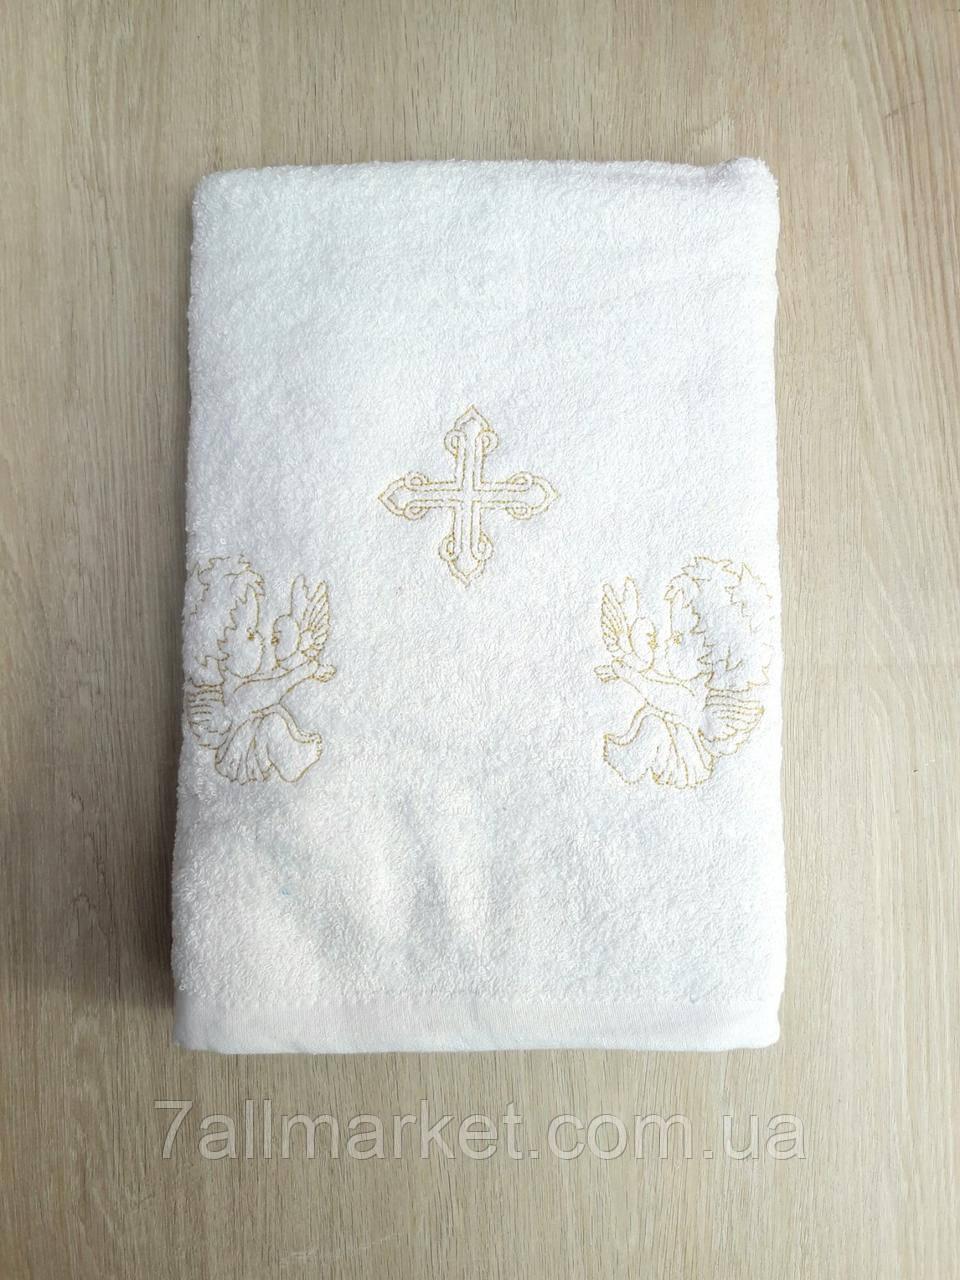 """Полотенце-крыжма  махровое с вышивкой  (1 цв) """"MARI"""" купить недорого от прямого поставщика"""